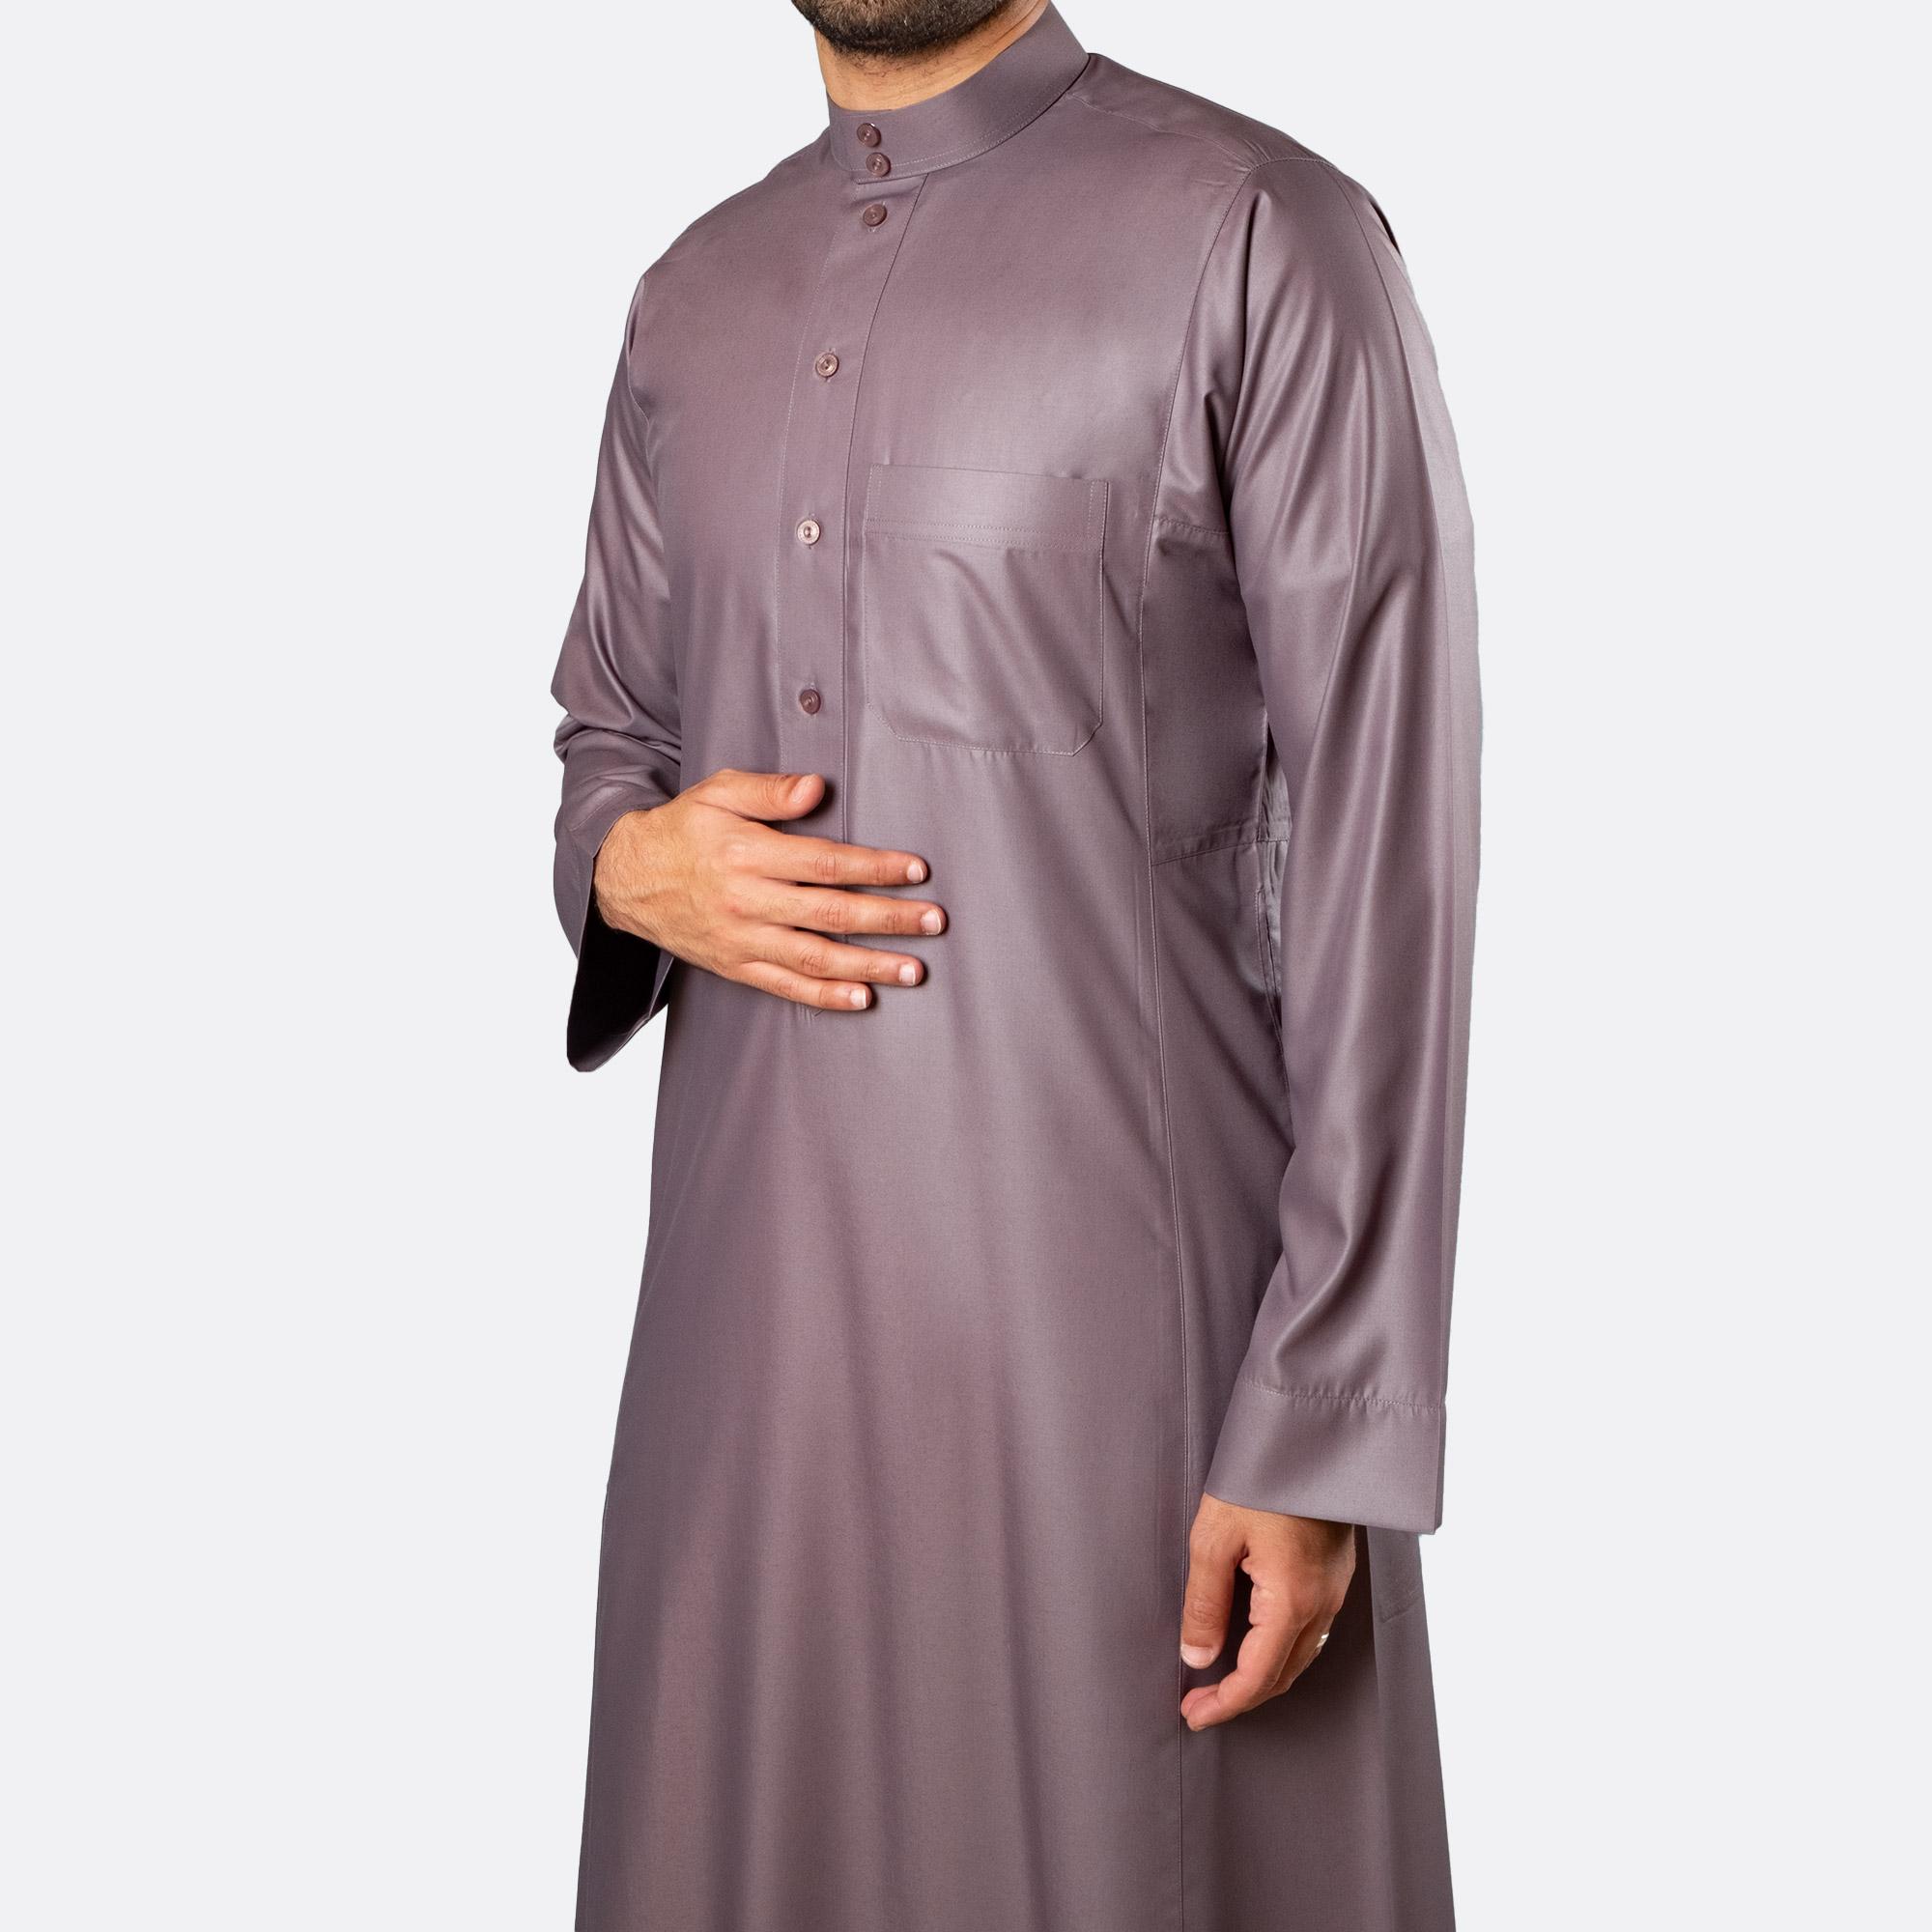 ثوب كلاسيكي فاخر فضّي